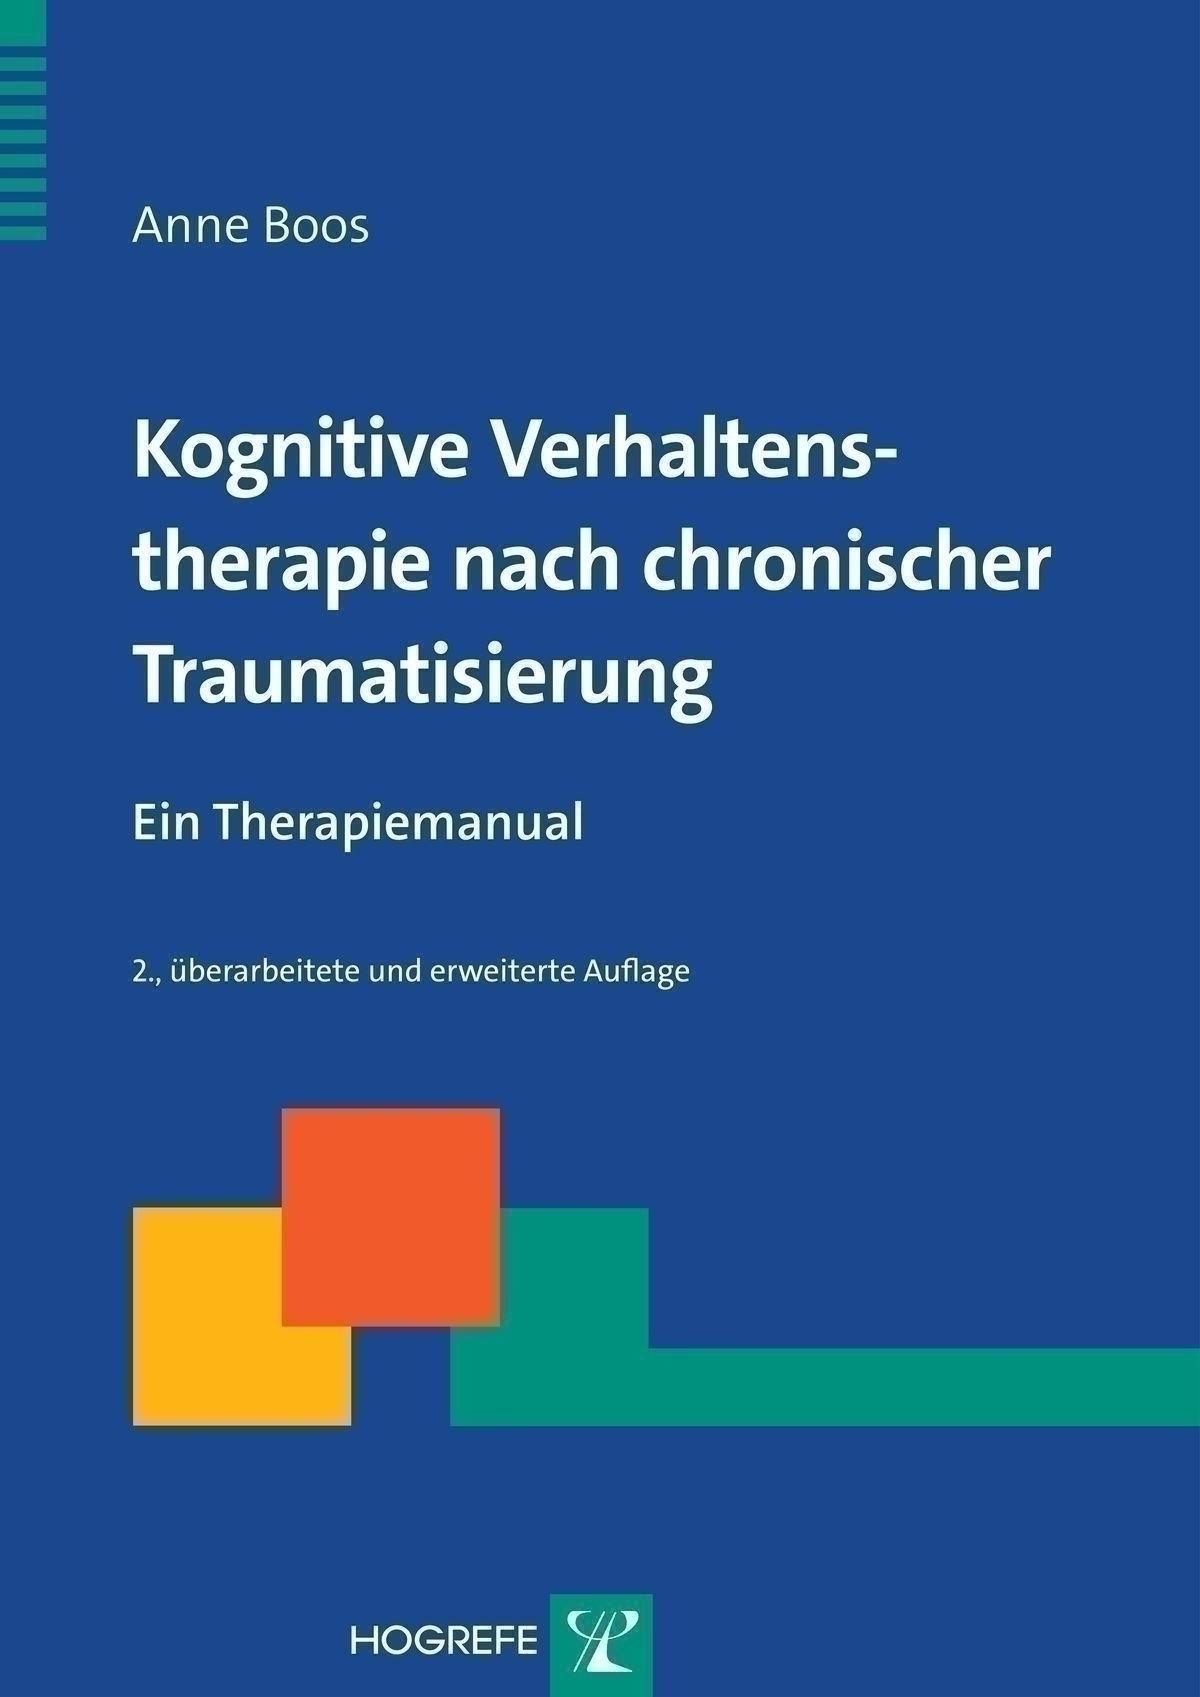 Kognitive Verhaltenstherapie nach chronischer Traumatisierung